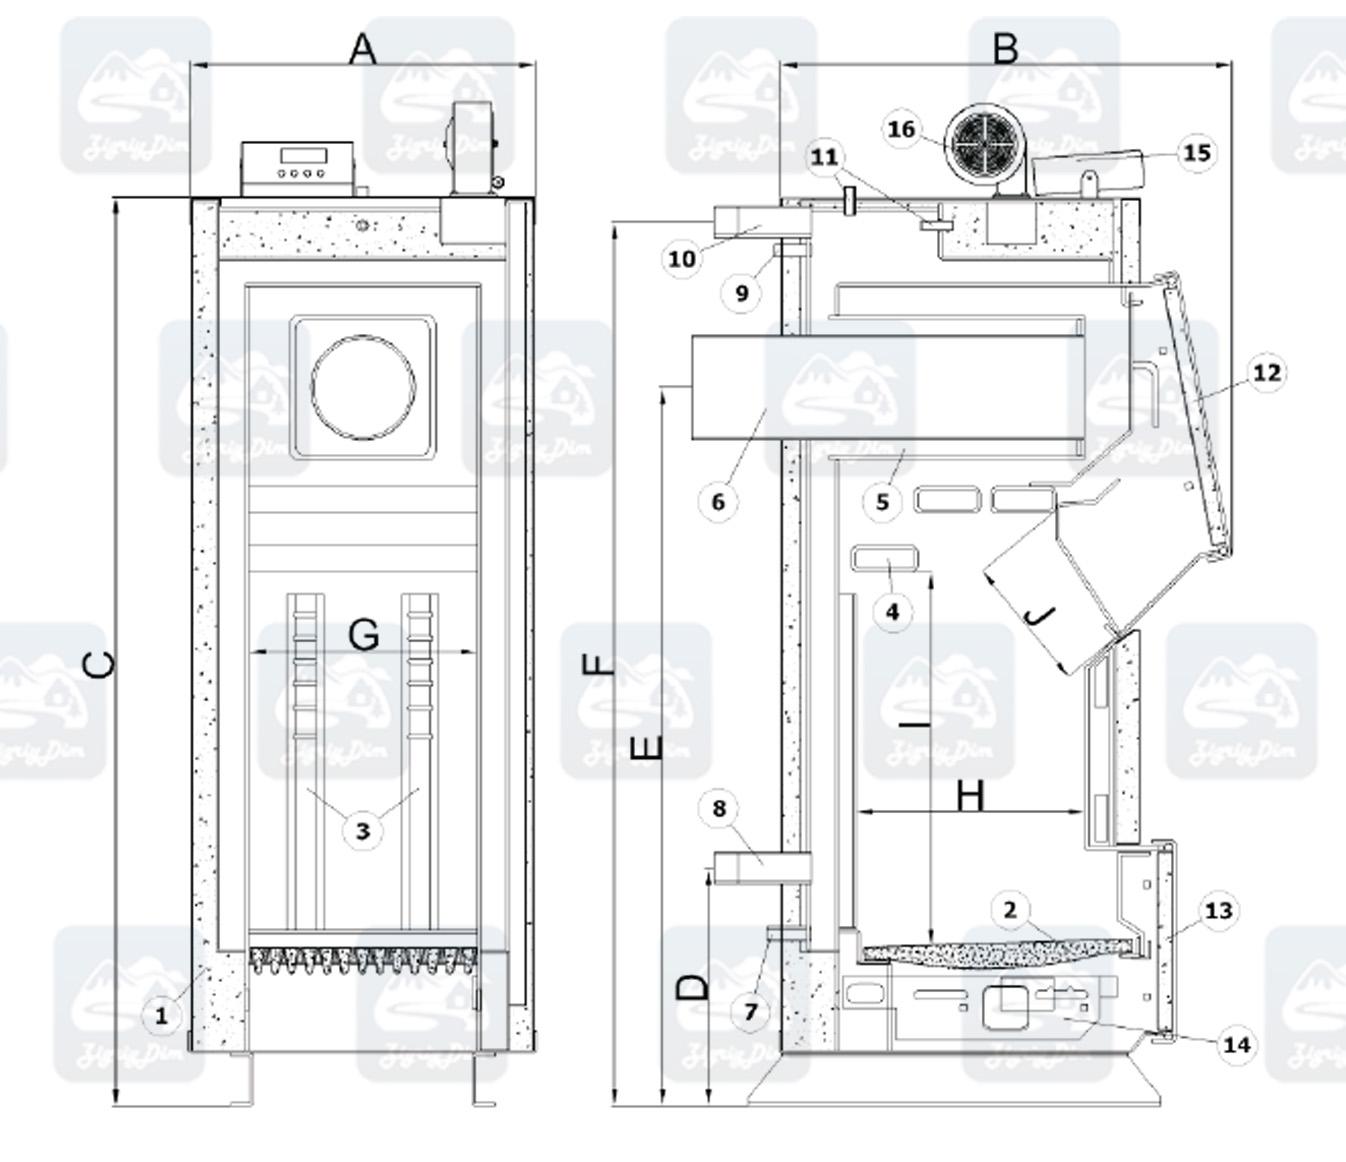 Схема и габаритные размеры твердотопливного котла на дровах и угле Heiztechnik Q Plus